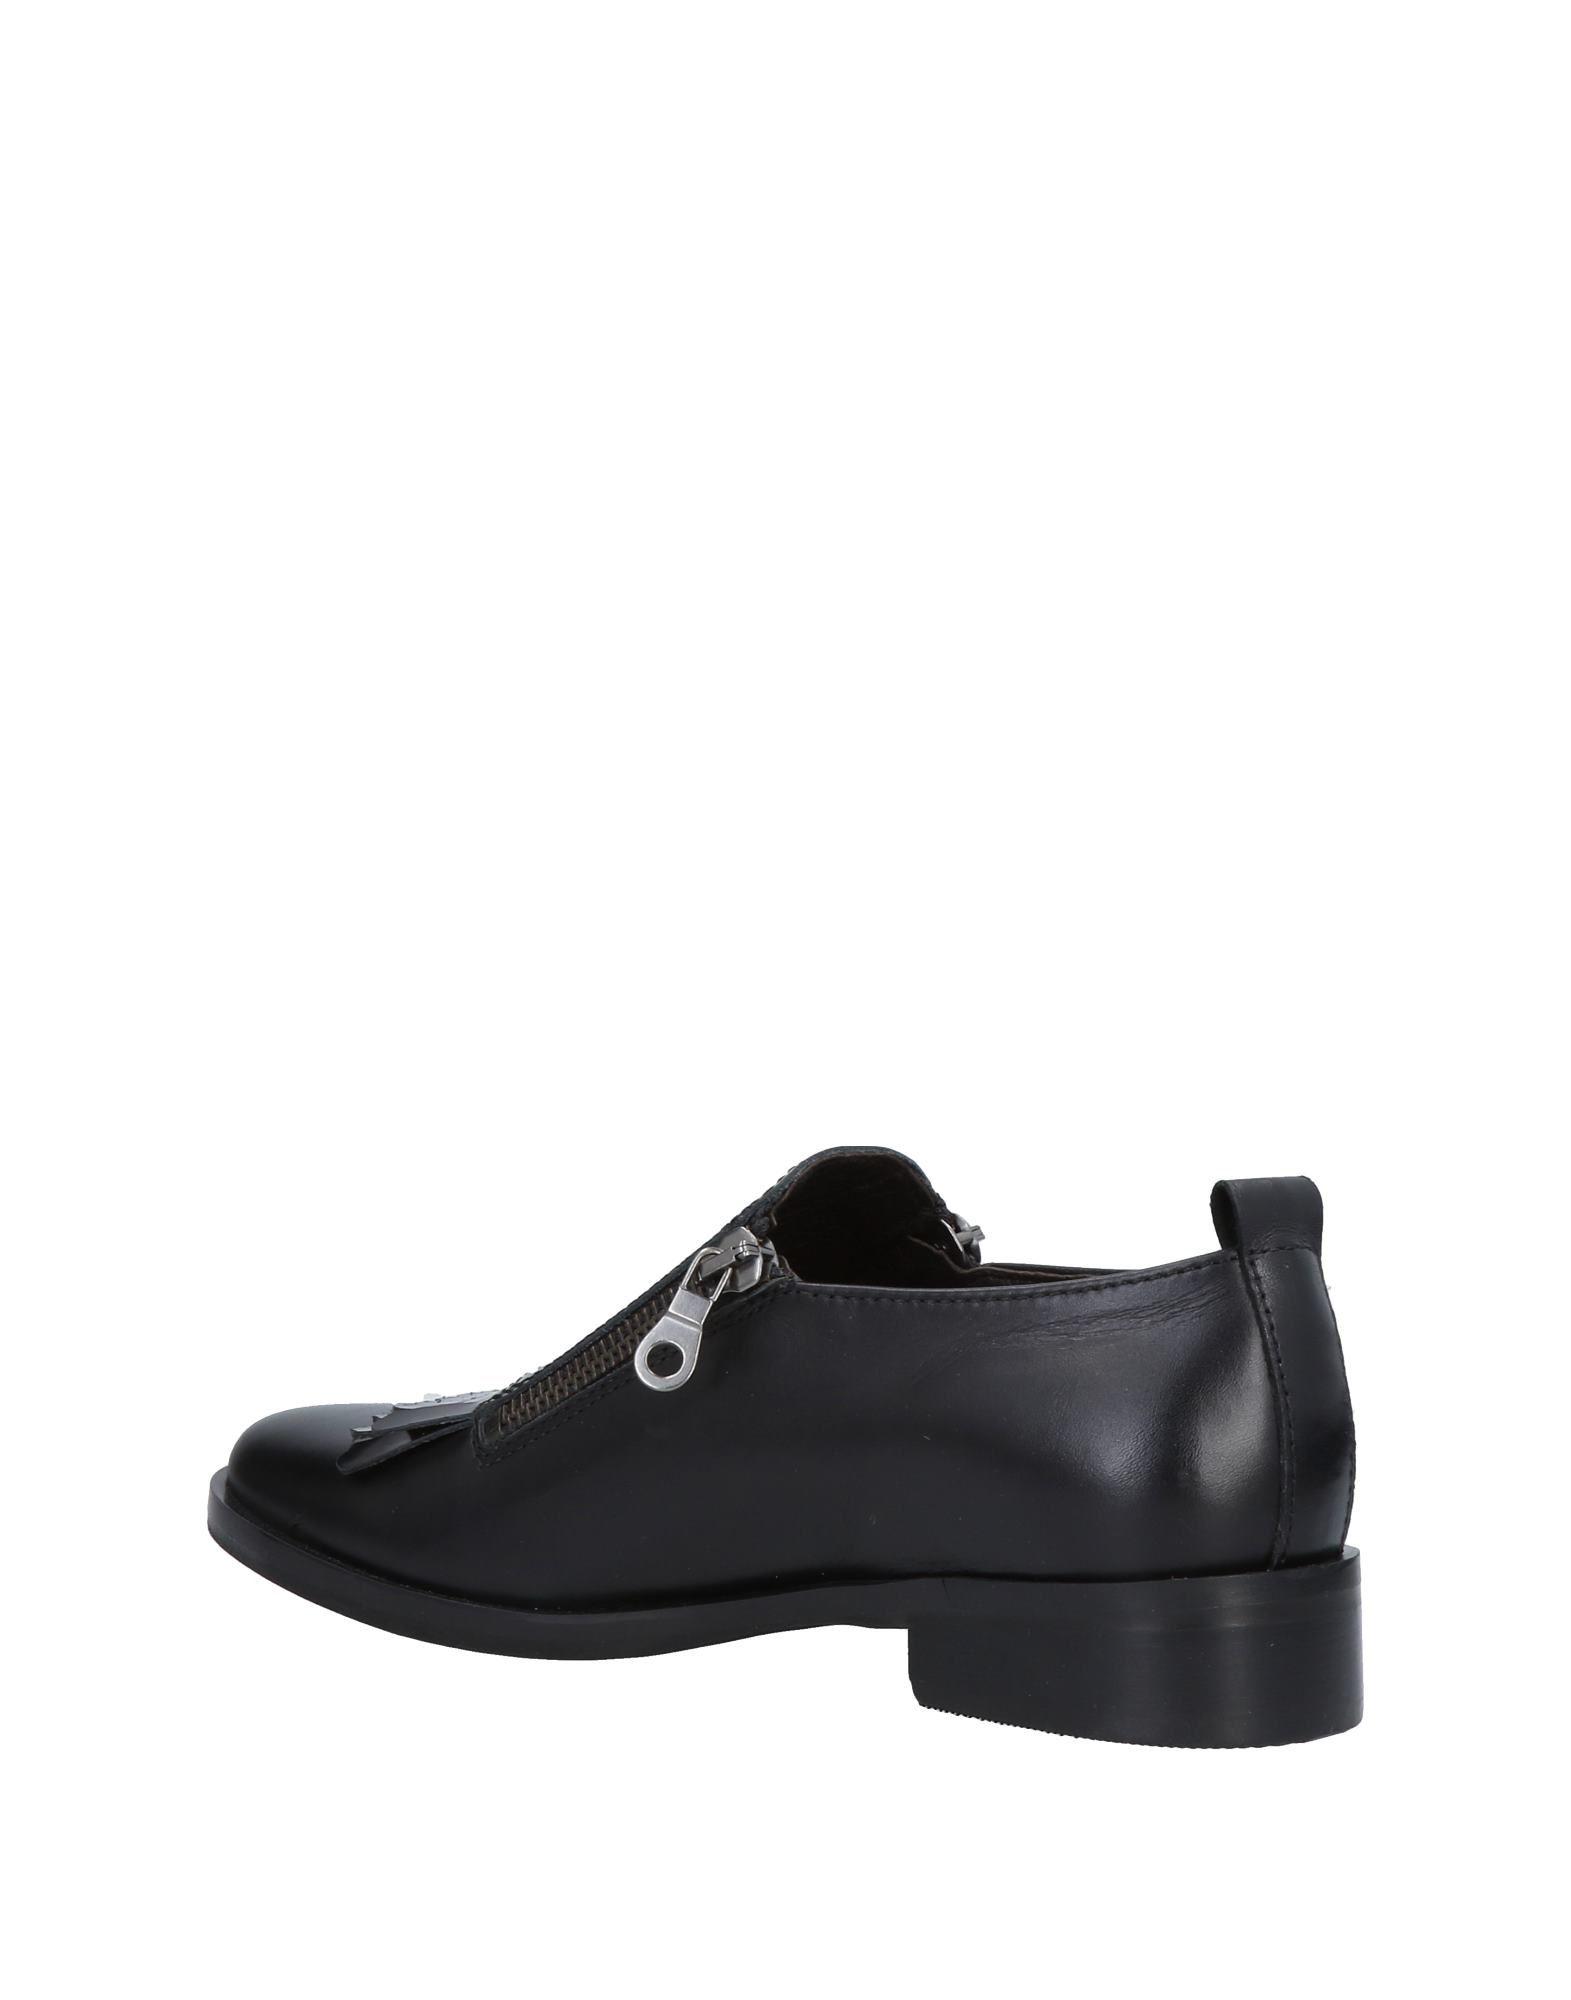 D+ Mokassins Schuhe Damen  11475036IJ Gute Qualität beliebte Schuhe Mokassins 38d41a